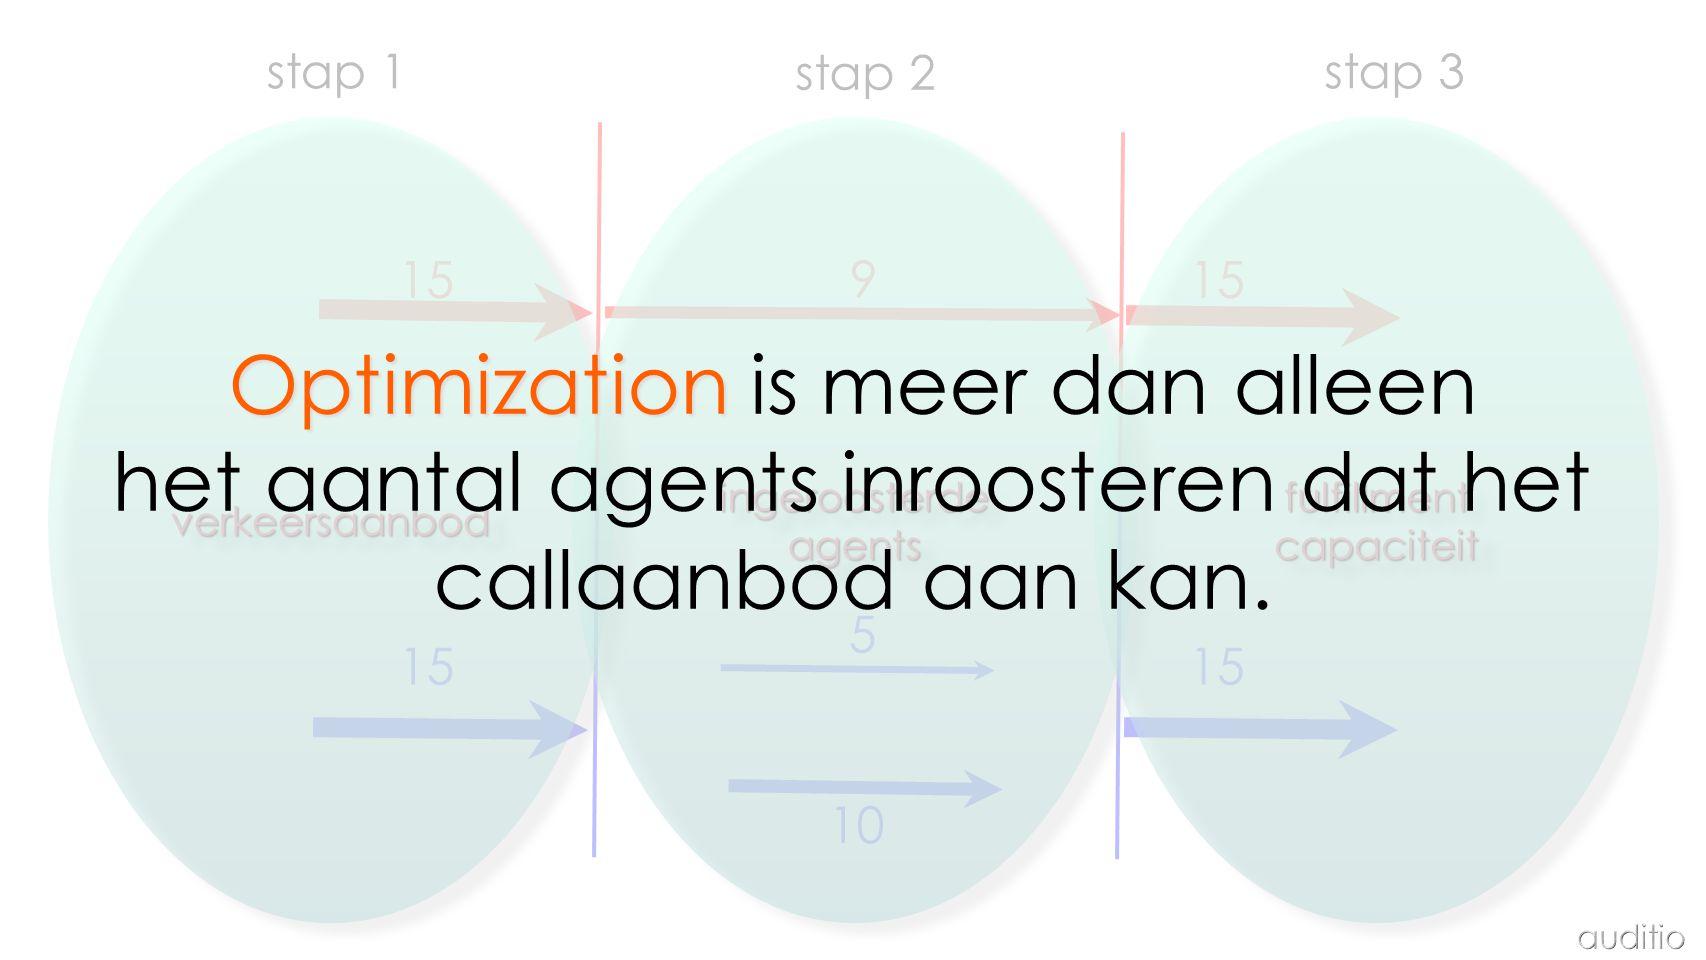 15 9 5 10 stap 1 stap 2 stap 3verkeersaanbodverkeersaanbodingeroosterdeagentsingeroosterdeagentsfulfillmentcapaciteitfulfillmentcapaciteit Optimization Optimization is meer dan alleen het aantal agents inroosteren dat het callaanbod aan kan.